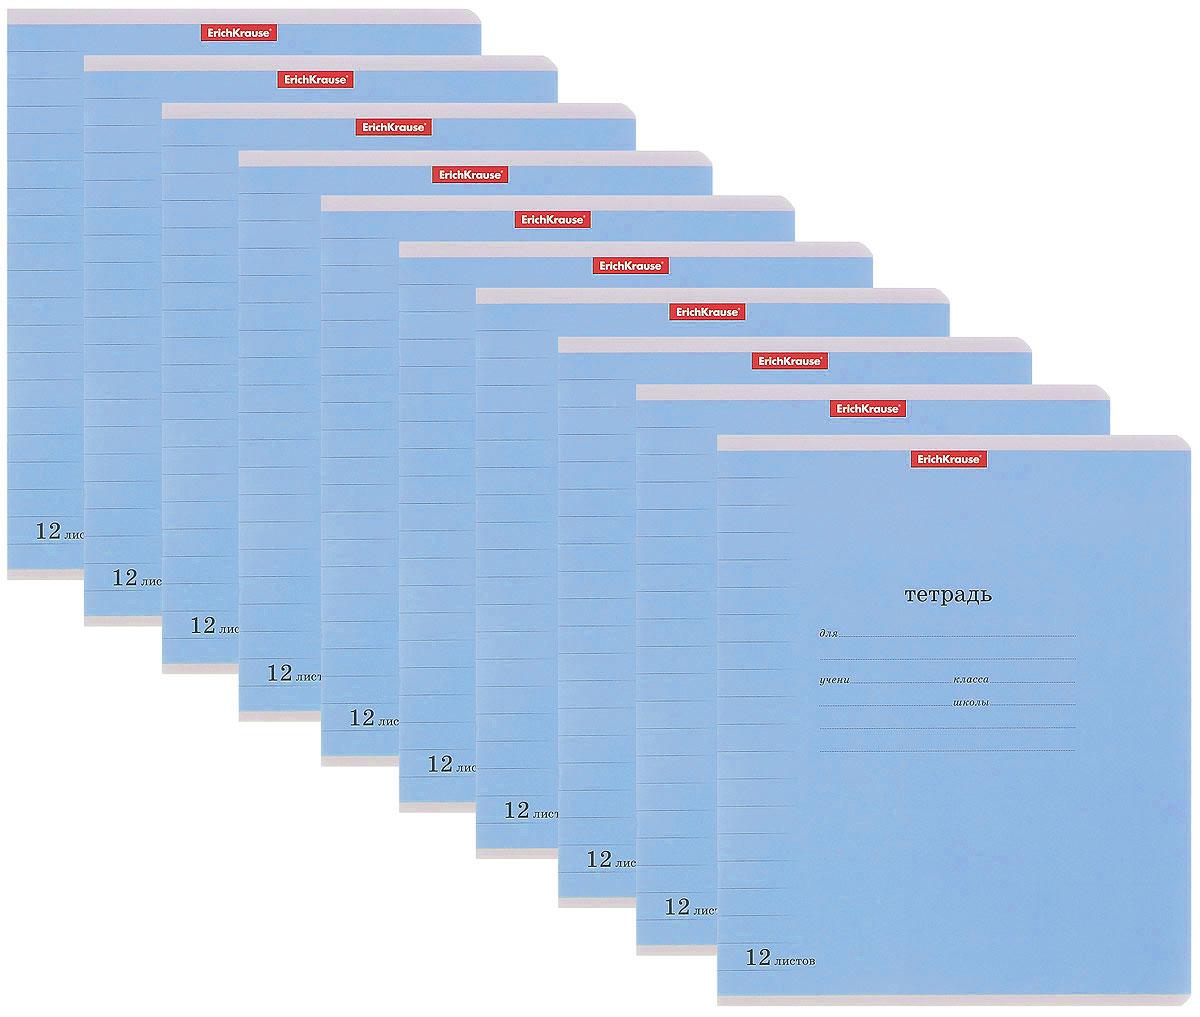 Тетрадь Erich Krause Классика предназначена для школьников.Обложка тетради выполнена из тонкого гибкого картона с закругленными углами. На обратной стороне обложки представлено написание прописных букв русского и английского алфавитов.Внутренний блок тетради состоит из 12 листов белой бумаги на металлических скрепках в линейку с полями.В наборе 10 тетрадей.